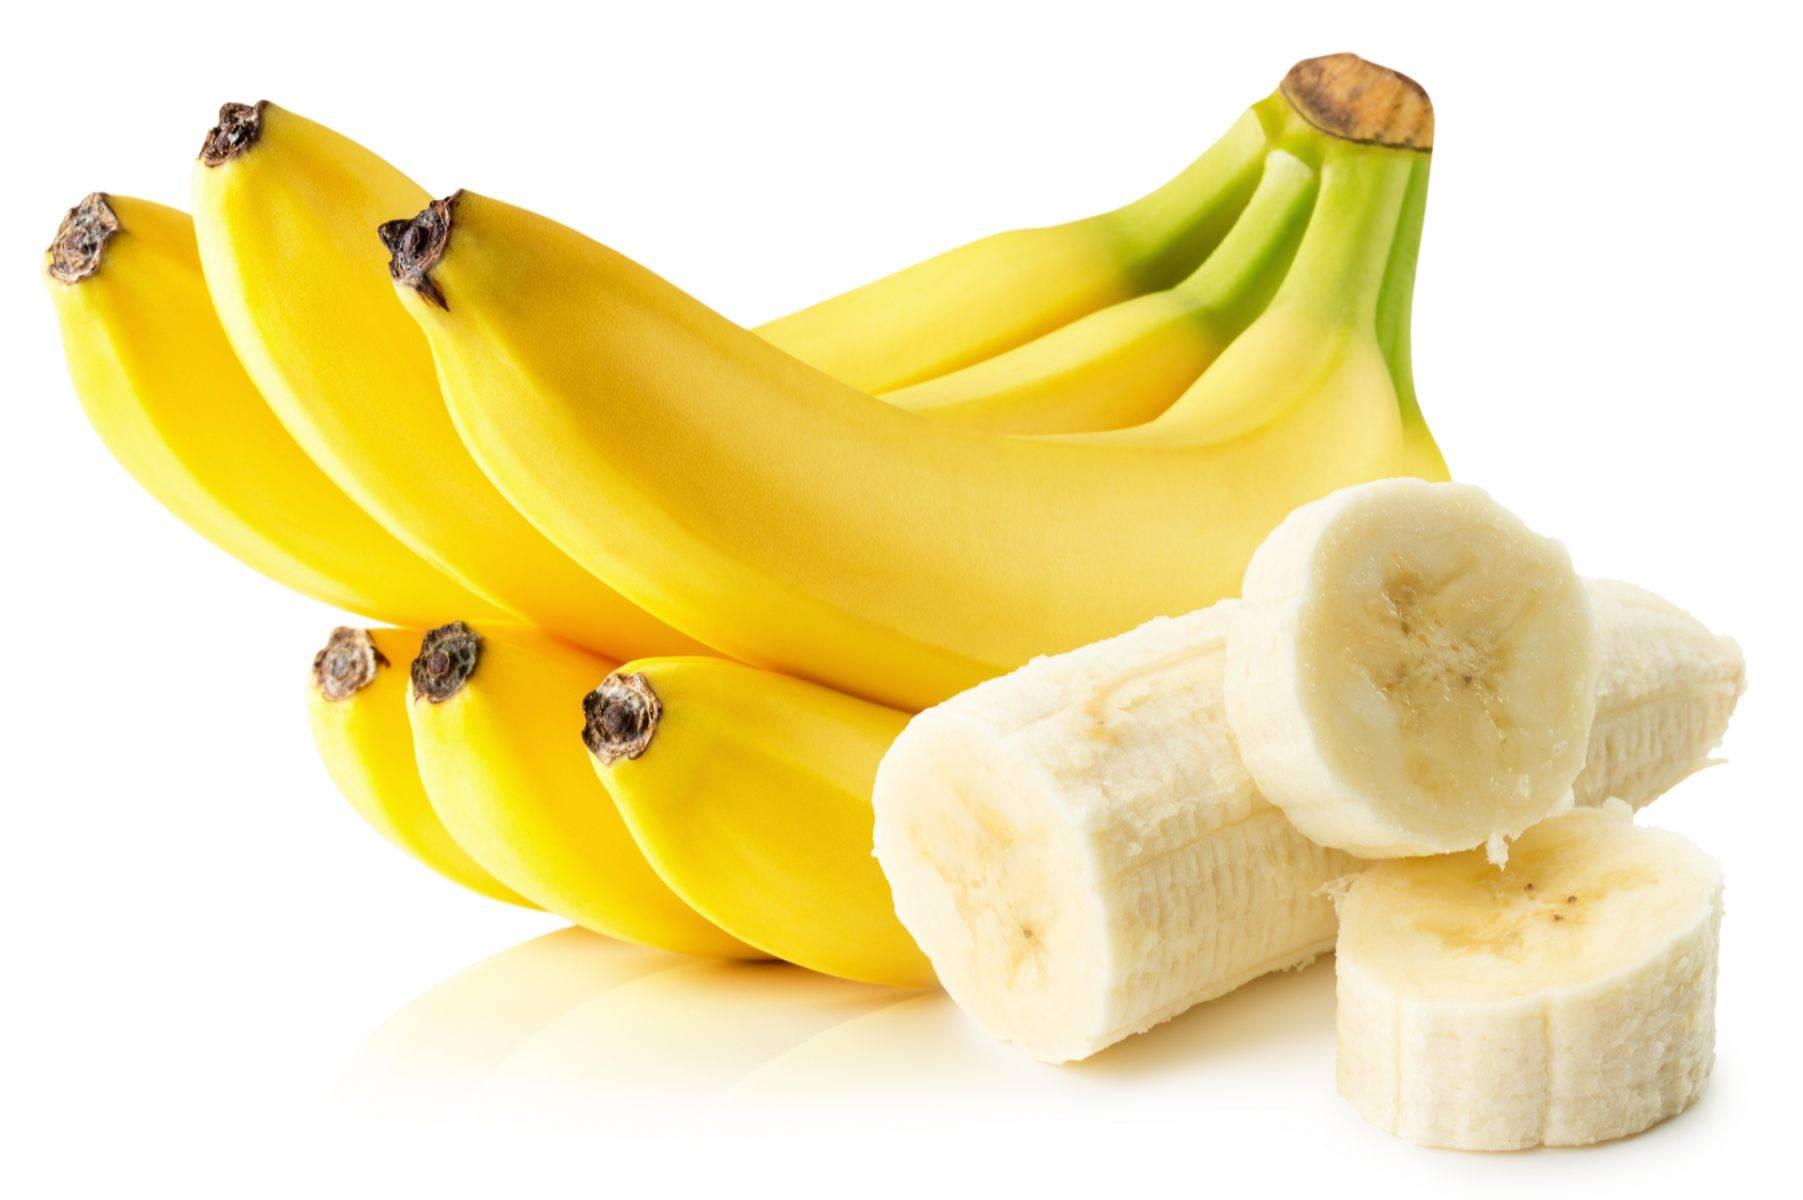 日本香蕉在线中文旡码 香蕉免费视频亚洲